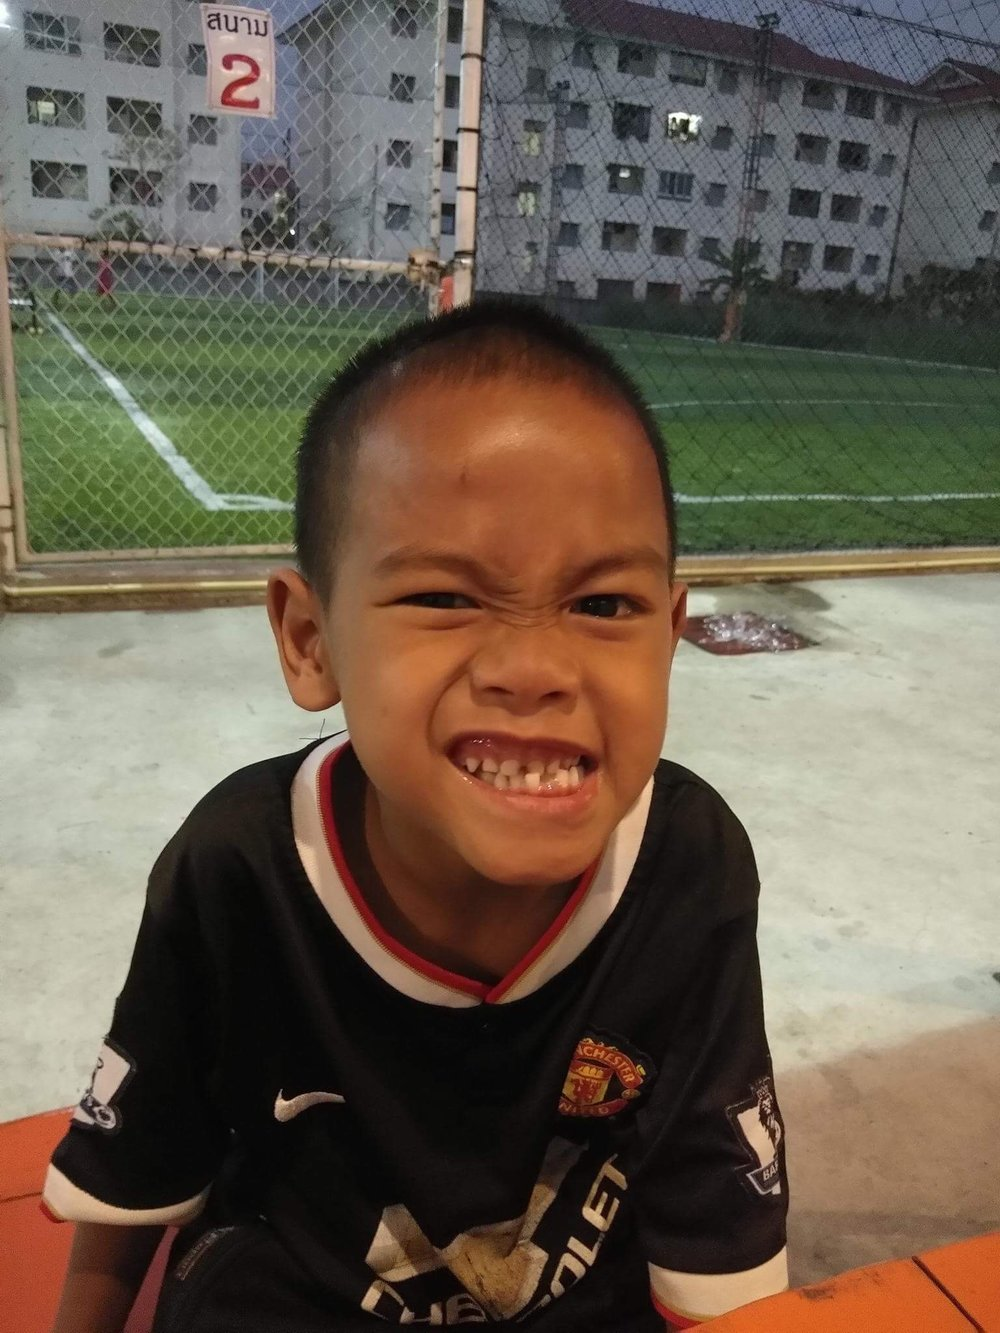 Ben (6 years old, Boy)